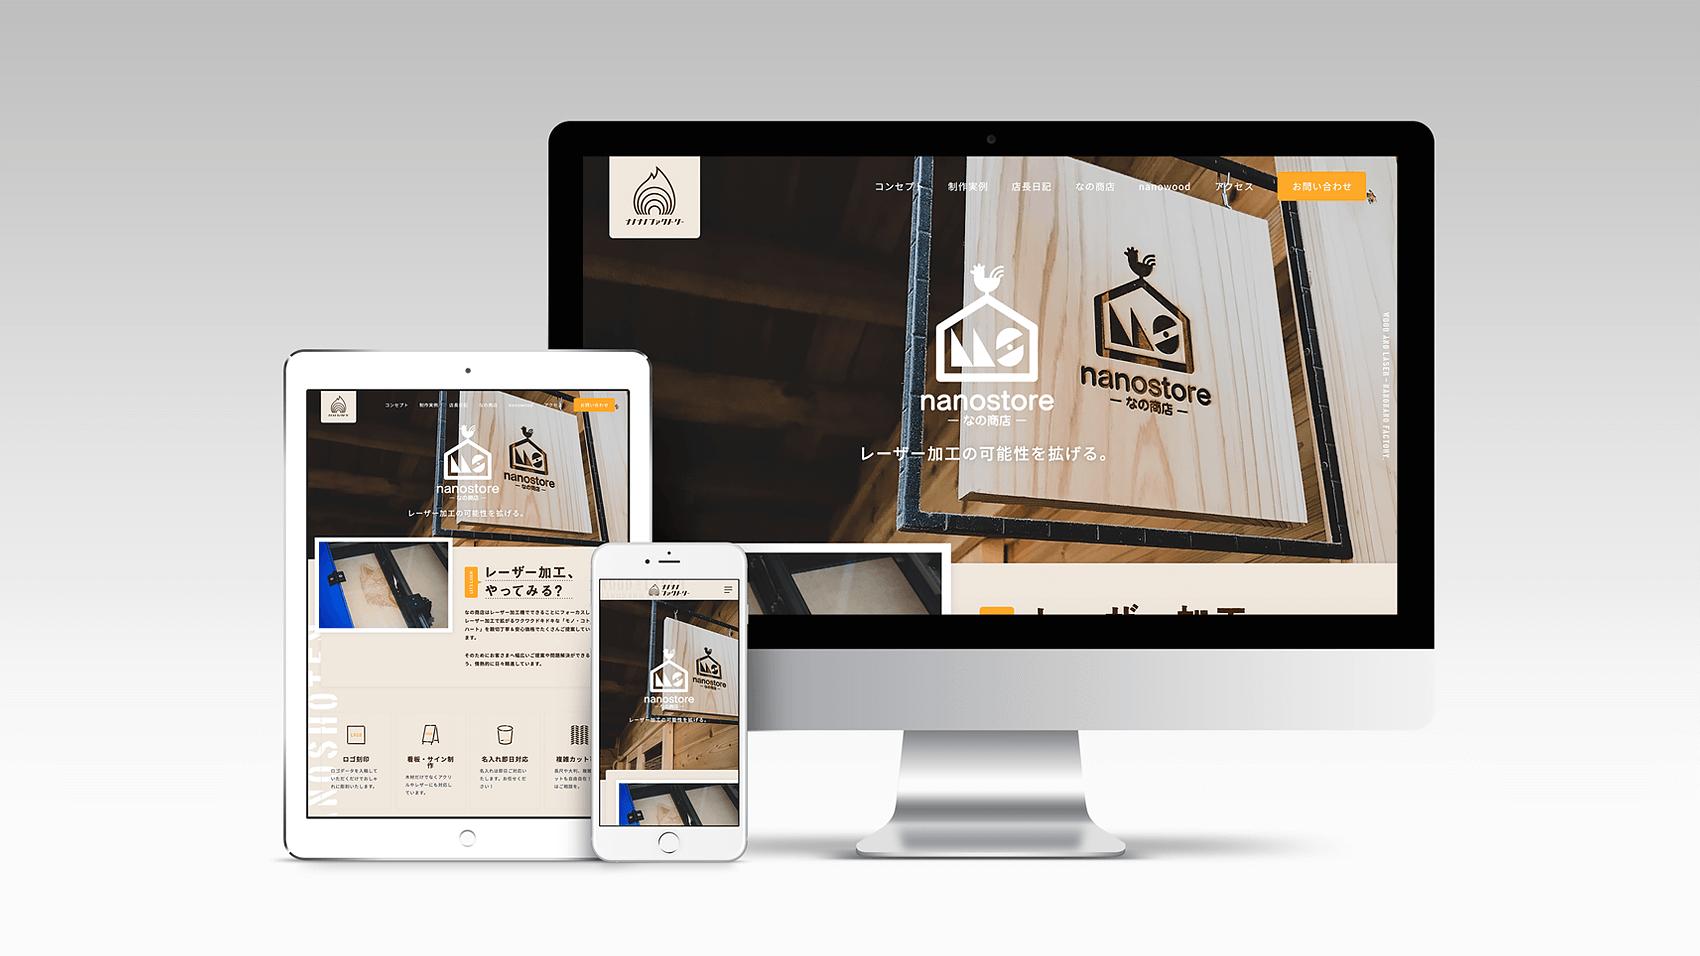 なの商店のwebページデザイン